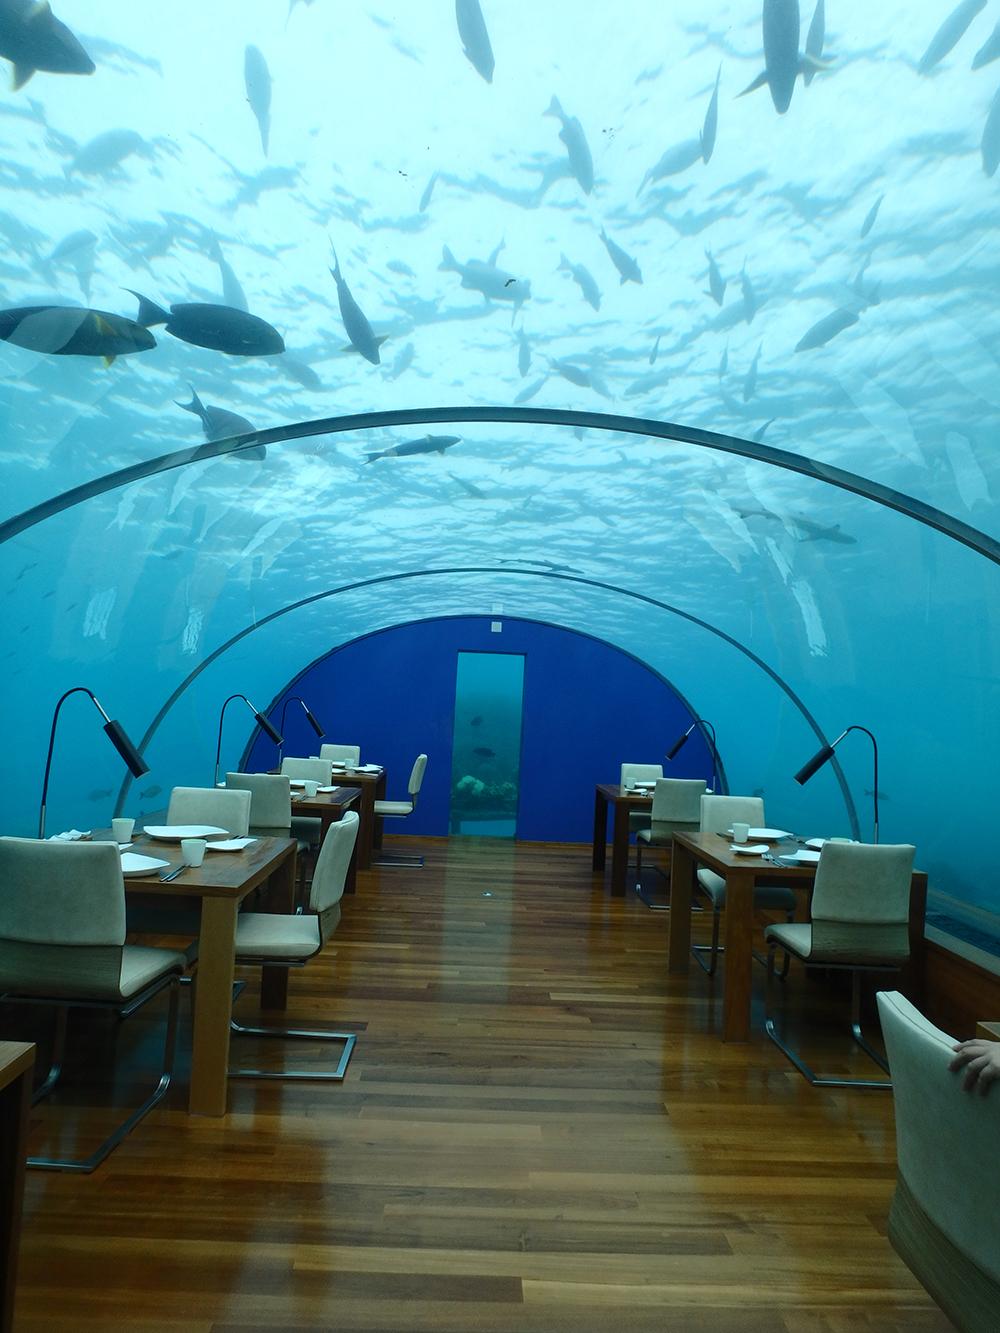 海の中にあるレストラン。水族館のような雰囲気の中で食事ができます。 頭上を亀が優雅に泳いでいて、非日常感を味わえました。